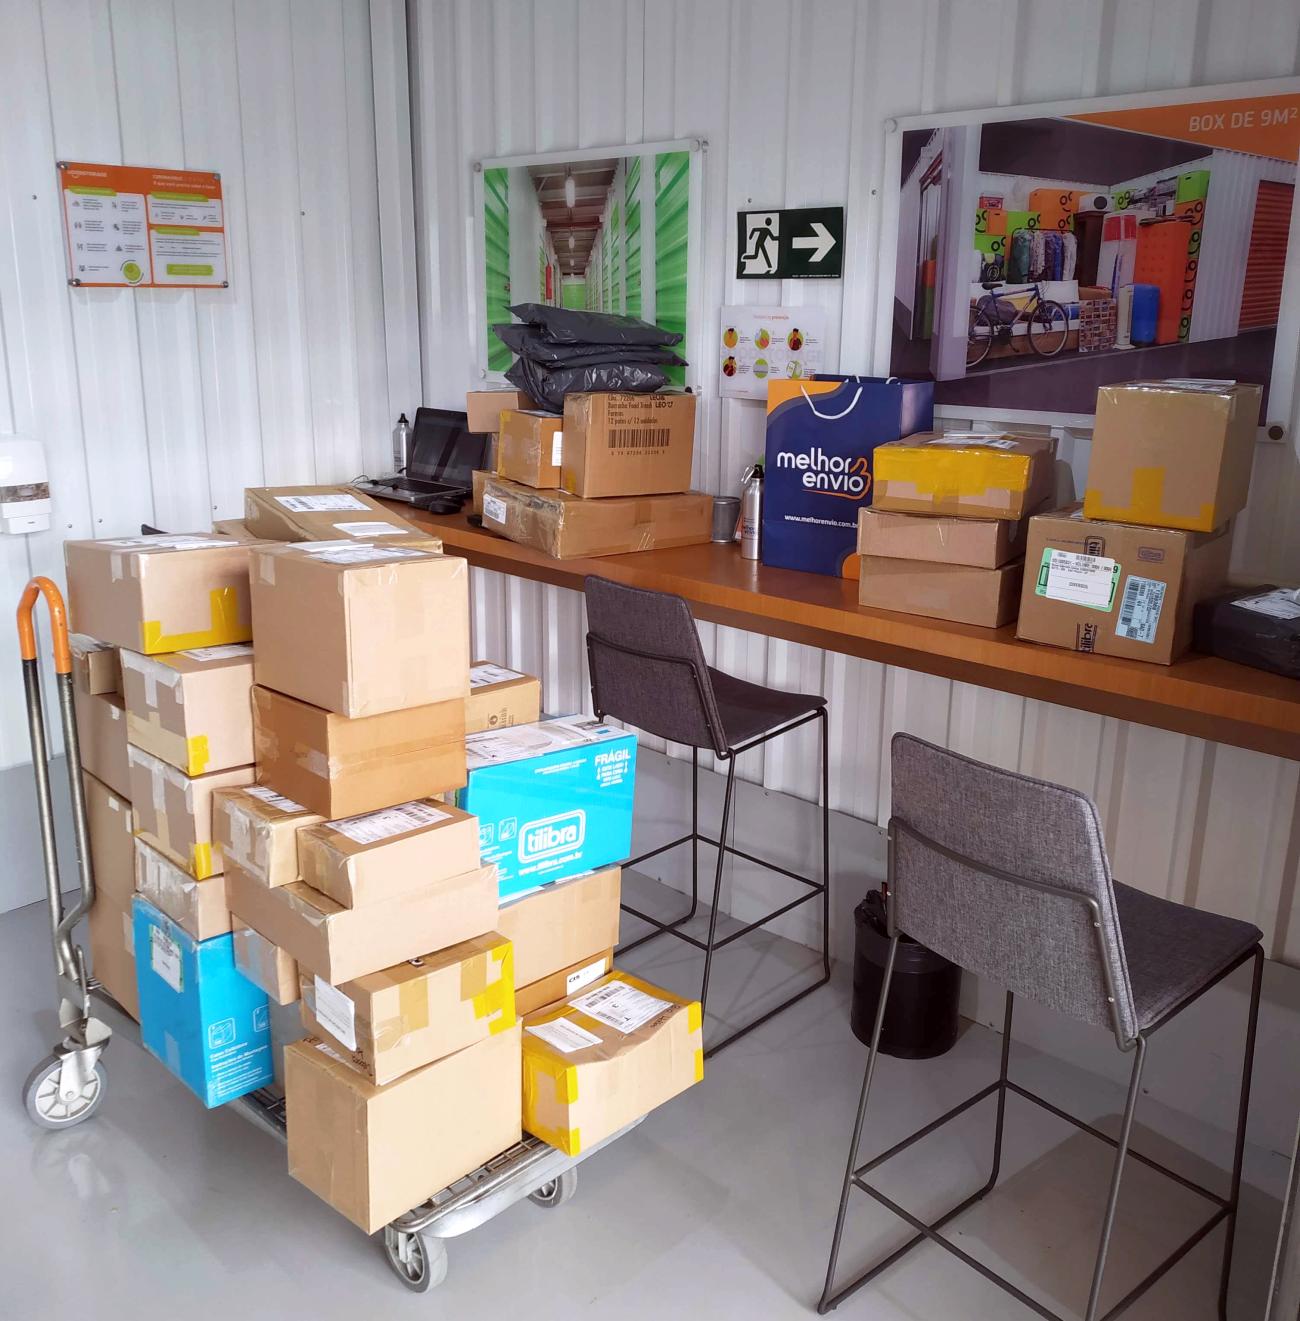 As encomendas são deixadas no Melhor Ponto, organizadas por nossa equipe e recolhidas diariamente pelas transportadoras parceiras.